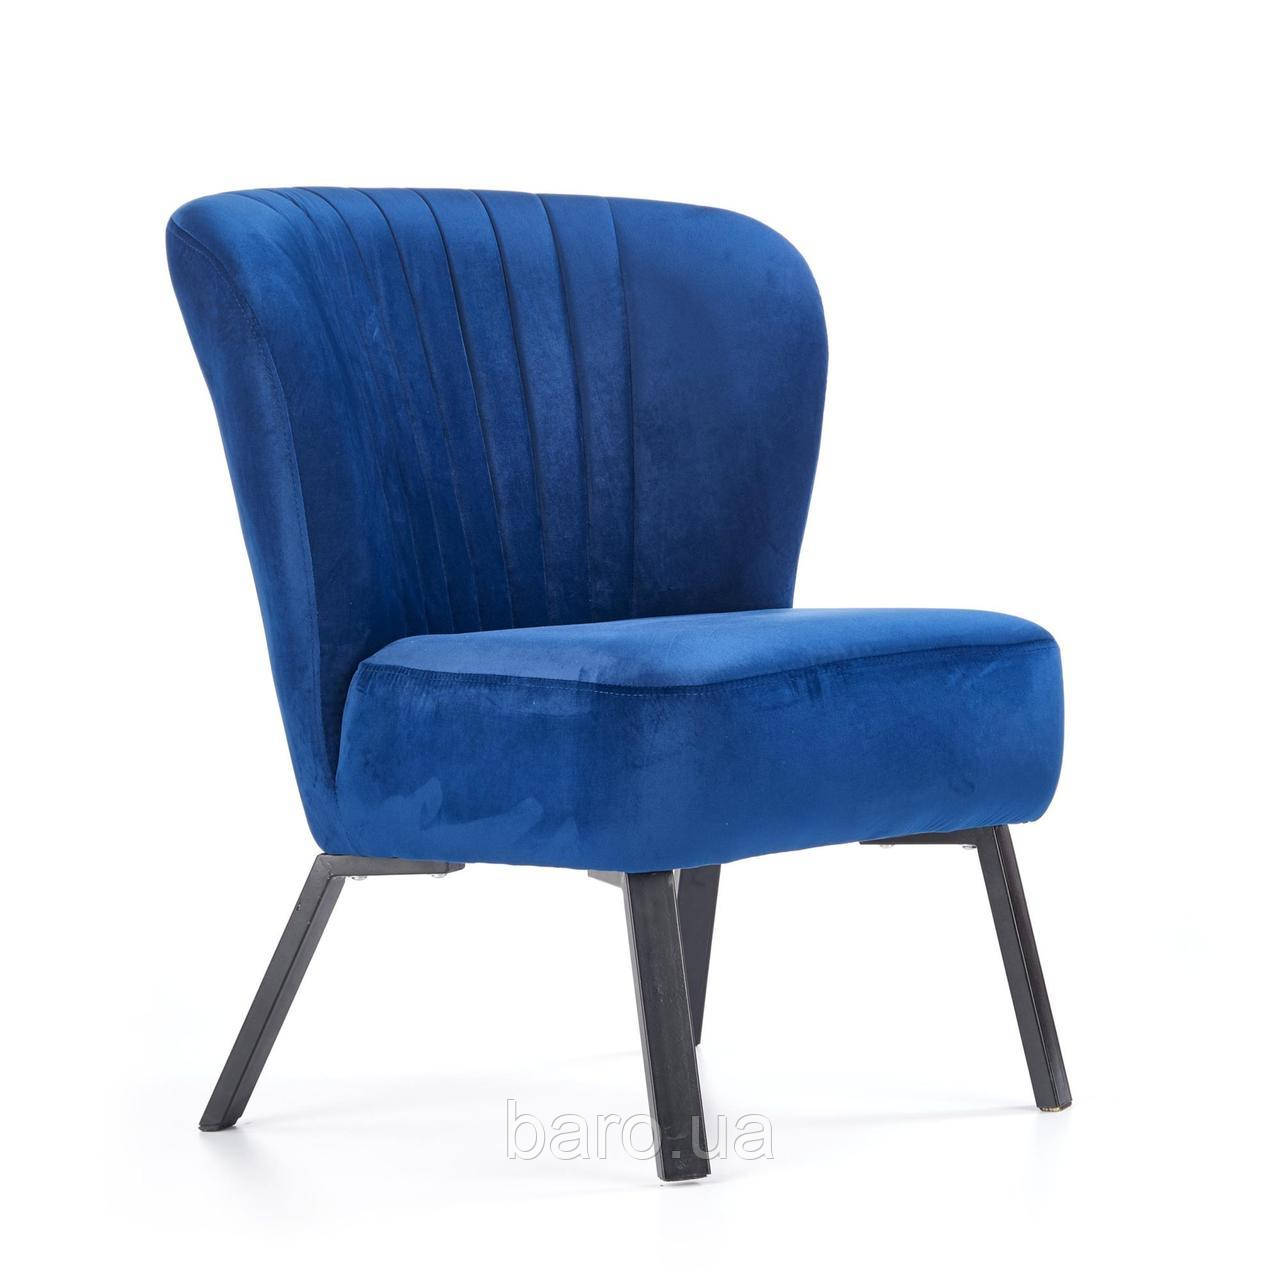 Кресло Lanister (Ланистер) синий, ткань, Halmar